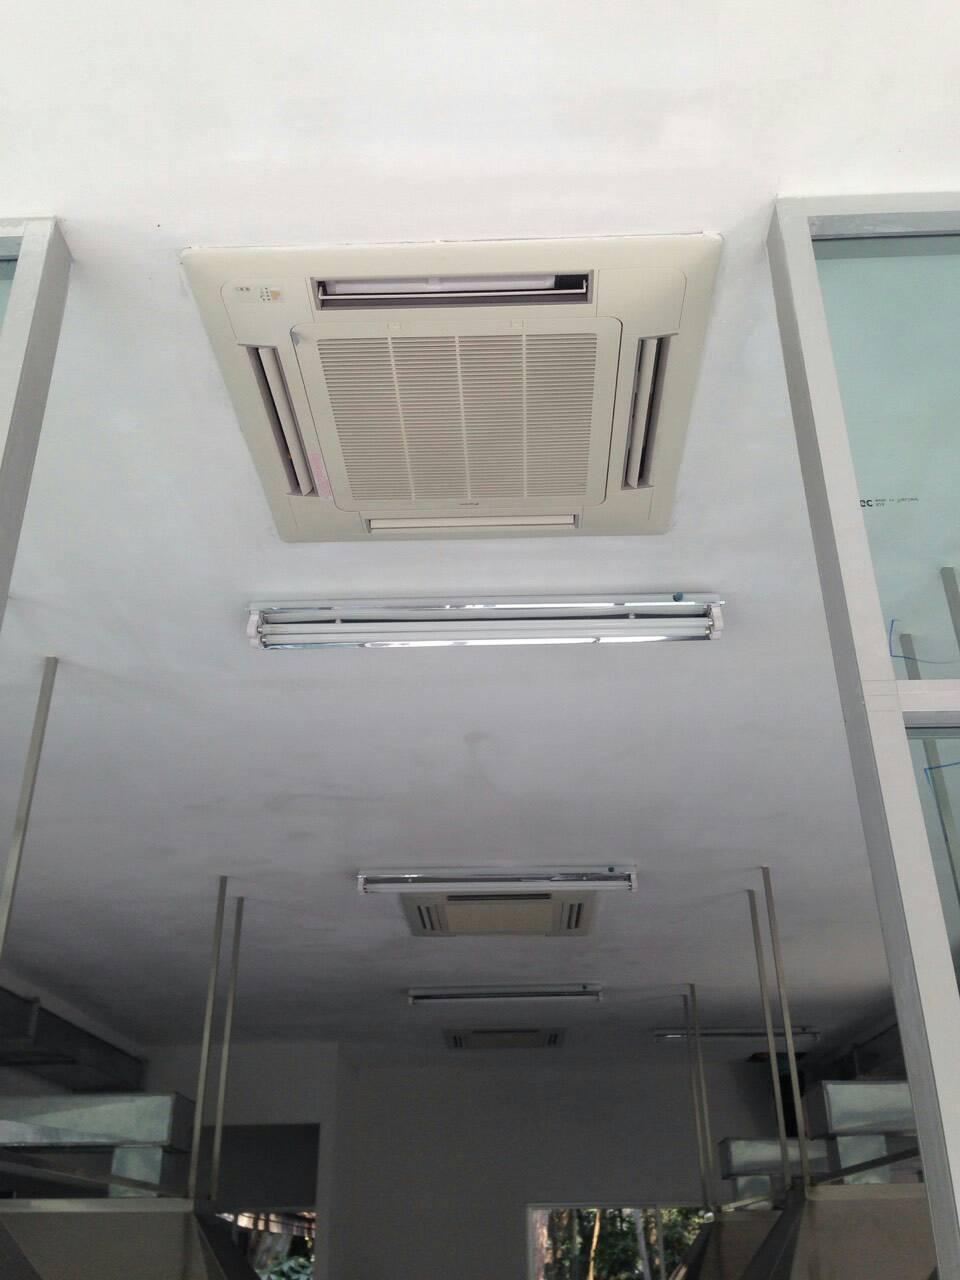 ผลงานการติดตั้งแอร์ Daikin แบบฝังฝ้าเพดาน ที่แม่โจ้